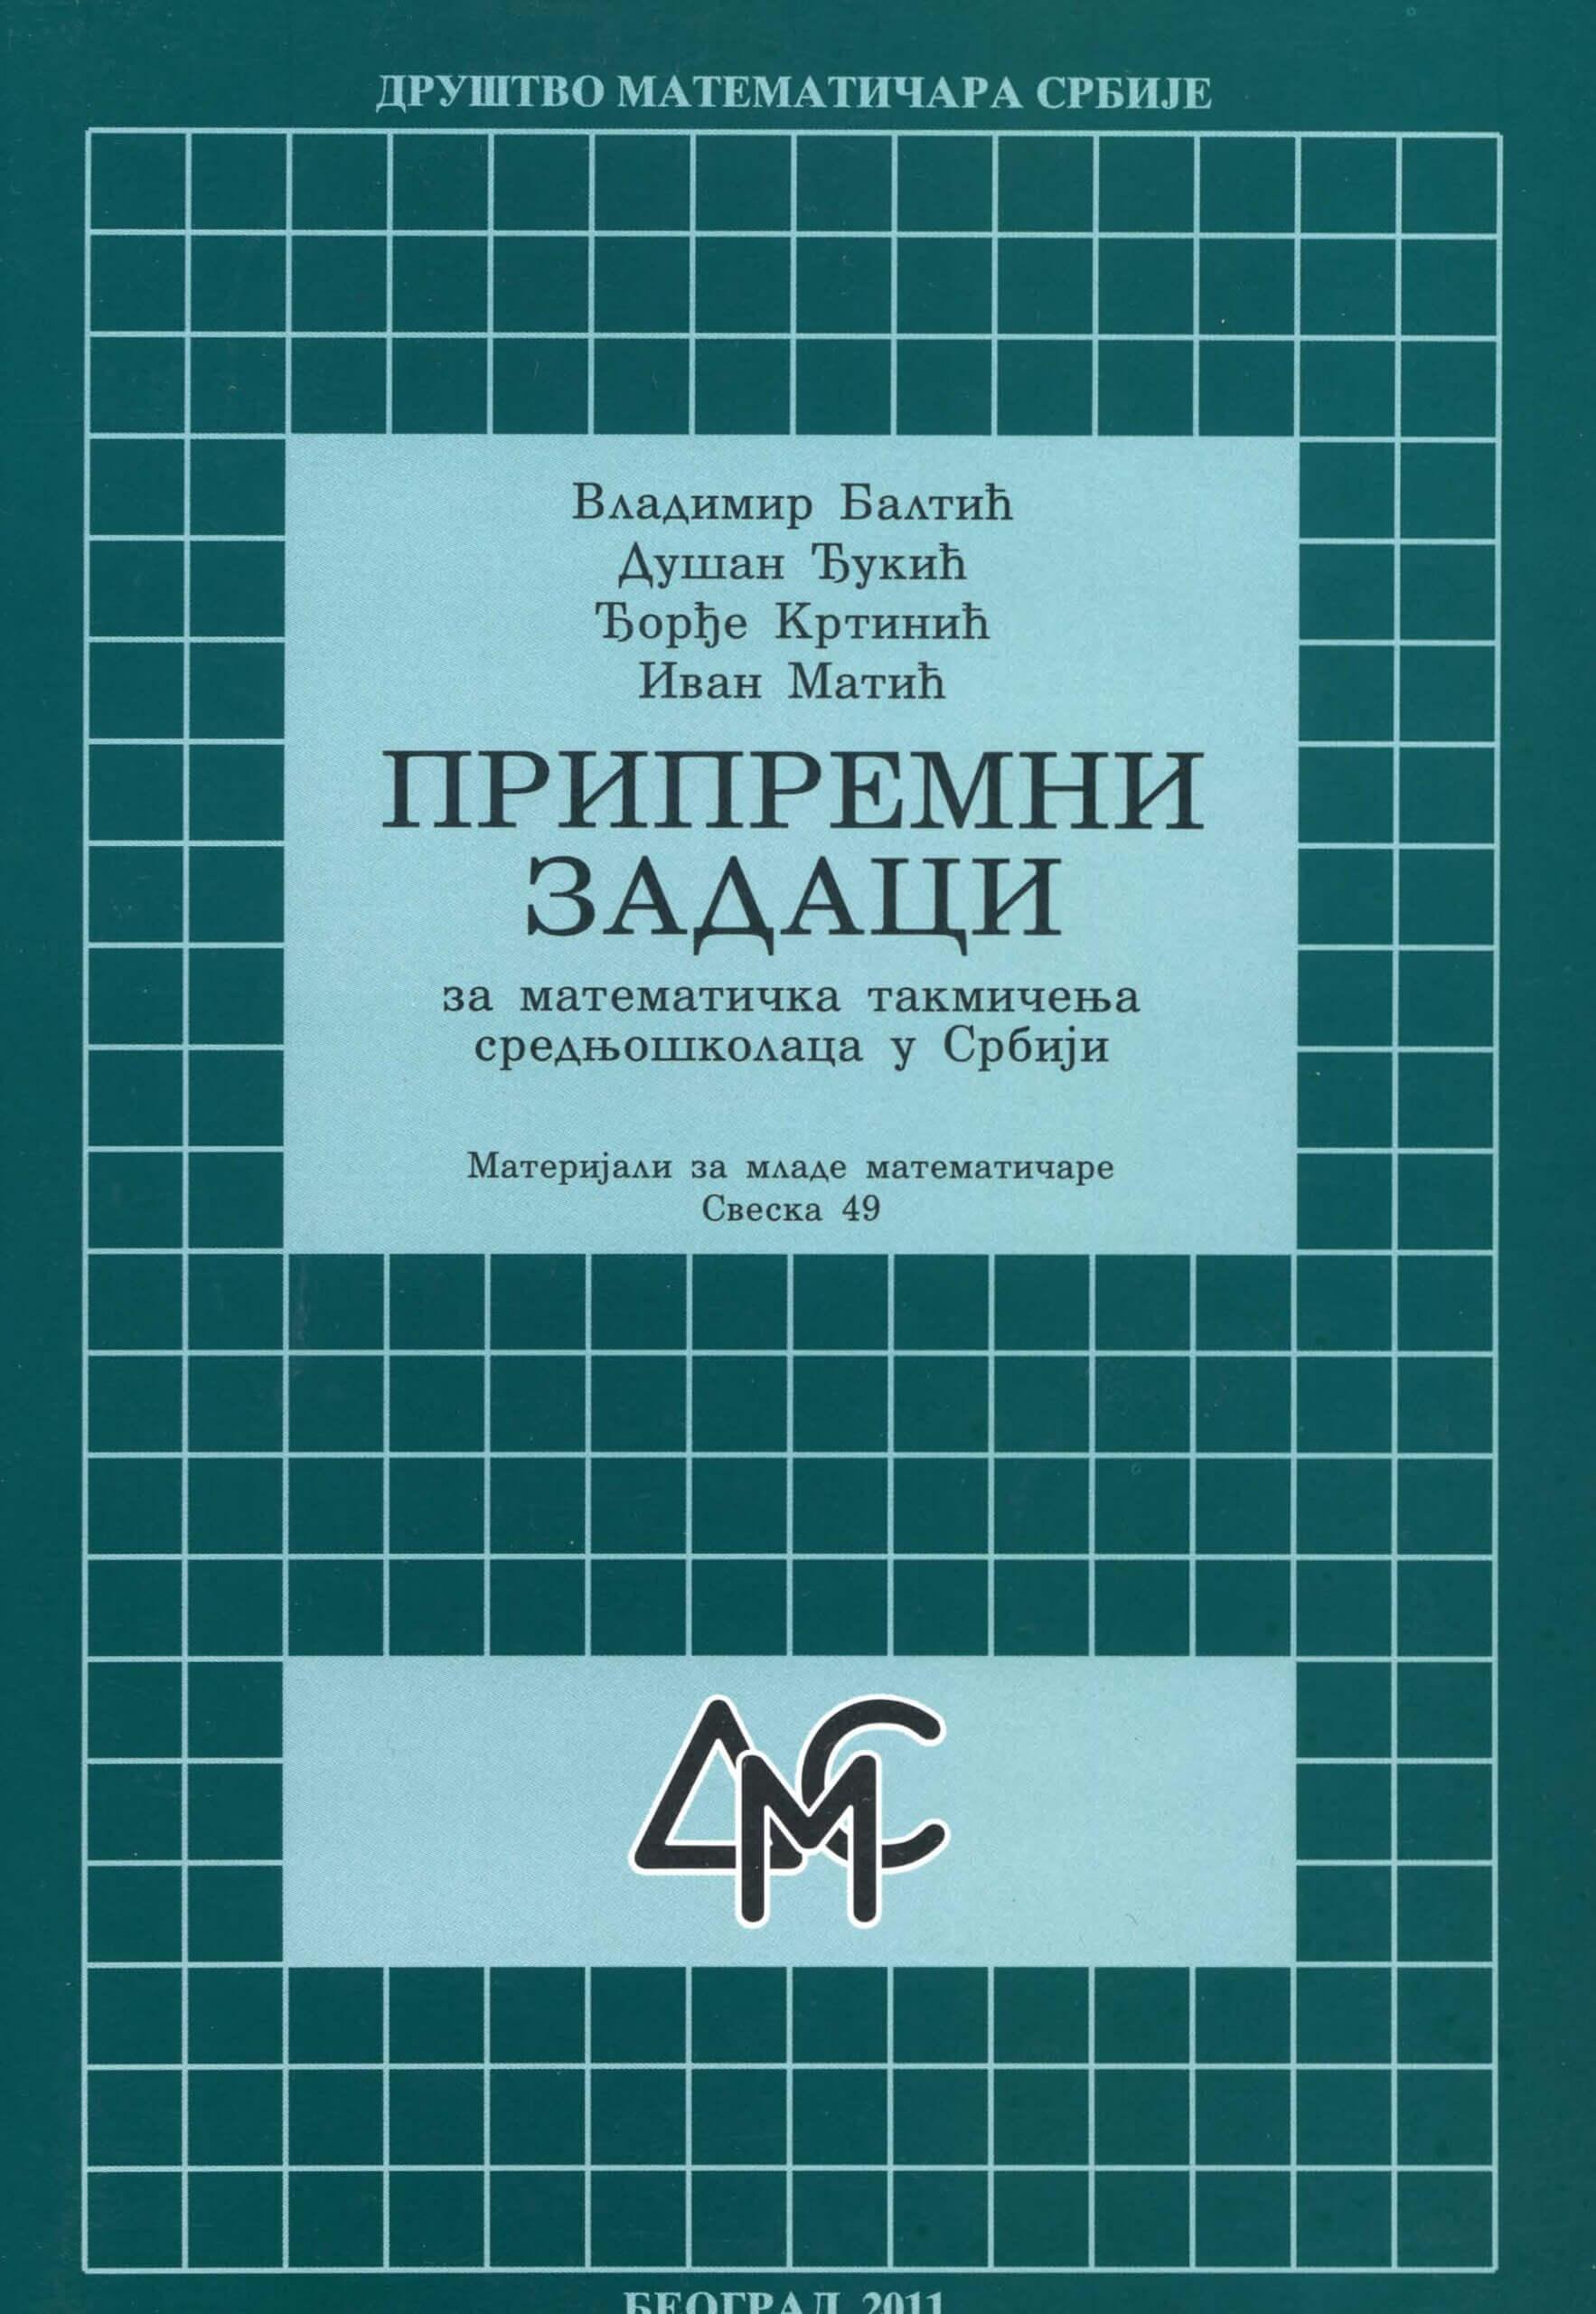 ПРИПРЕМНИ ЗАДАЦИ за математичка такмичења средњошколаца у Србији. Збирка решених задатака